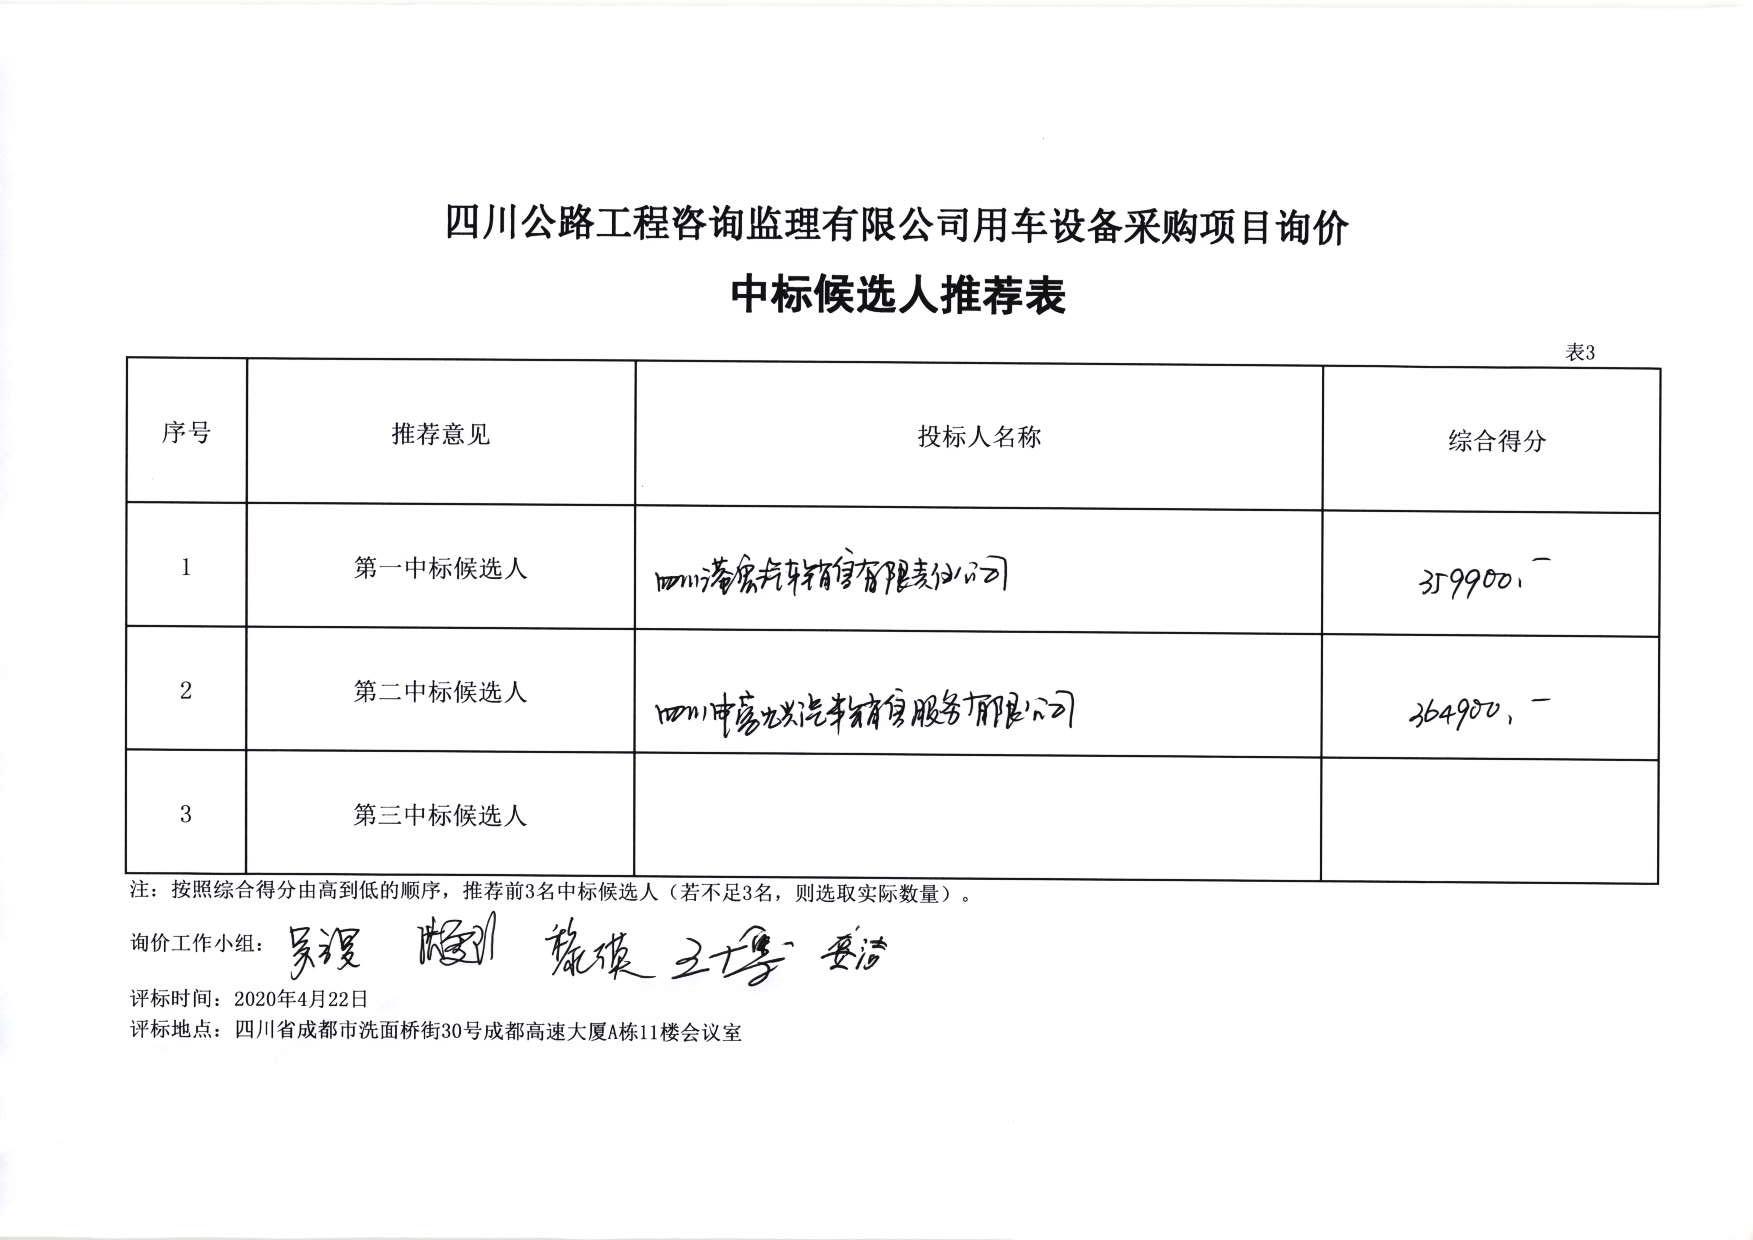 四川贝博登入贝博下载地址贝博官方入口有限公司用车设备采购项目询价中标候选人推荐表.jpg